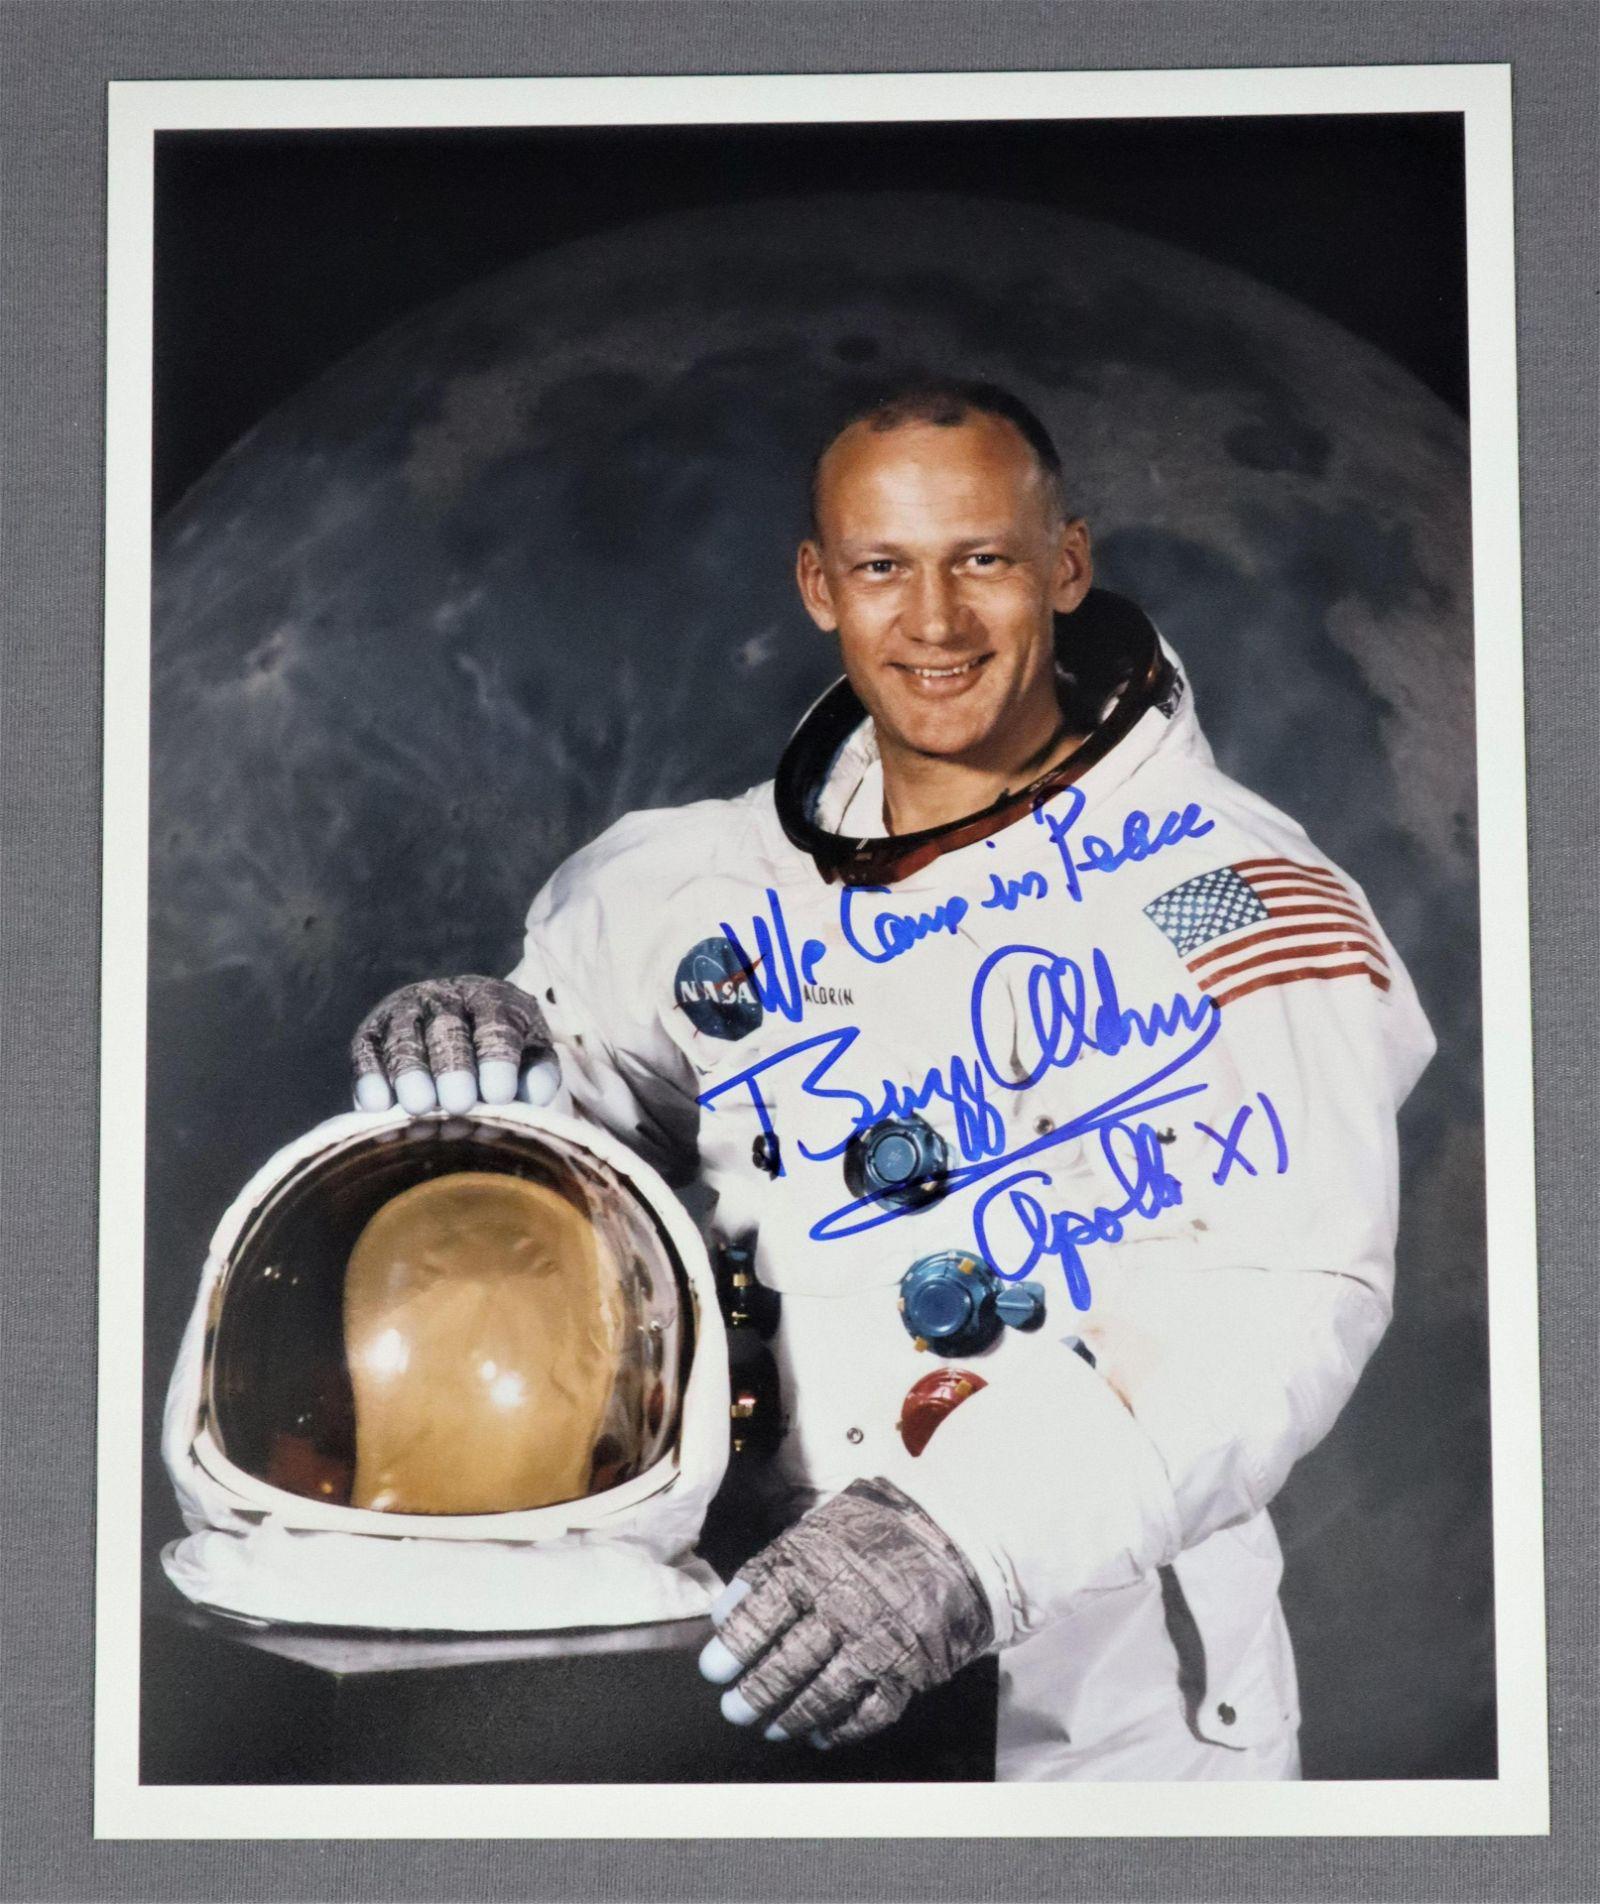 Buzz Aldrin Signed White Space Suit Portrait Photograph